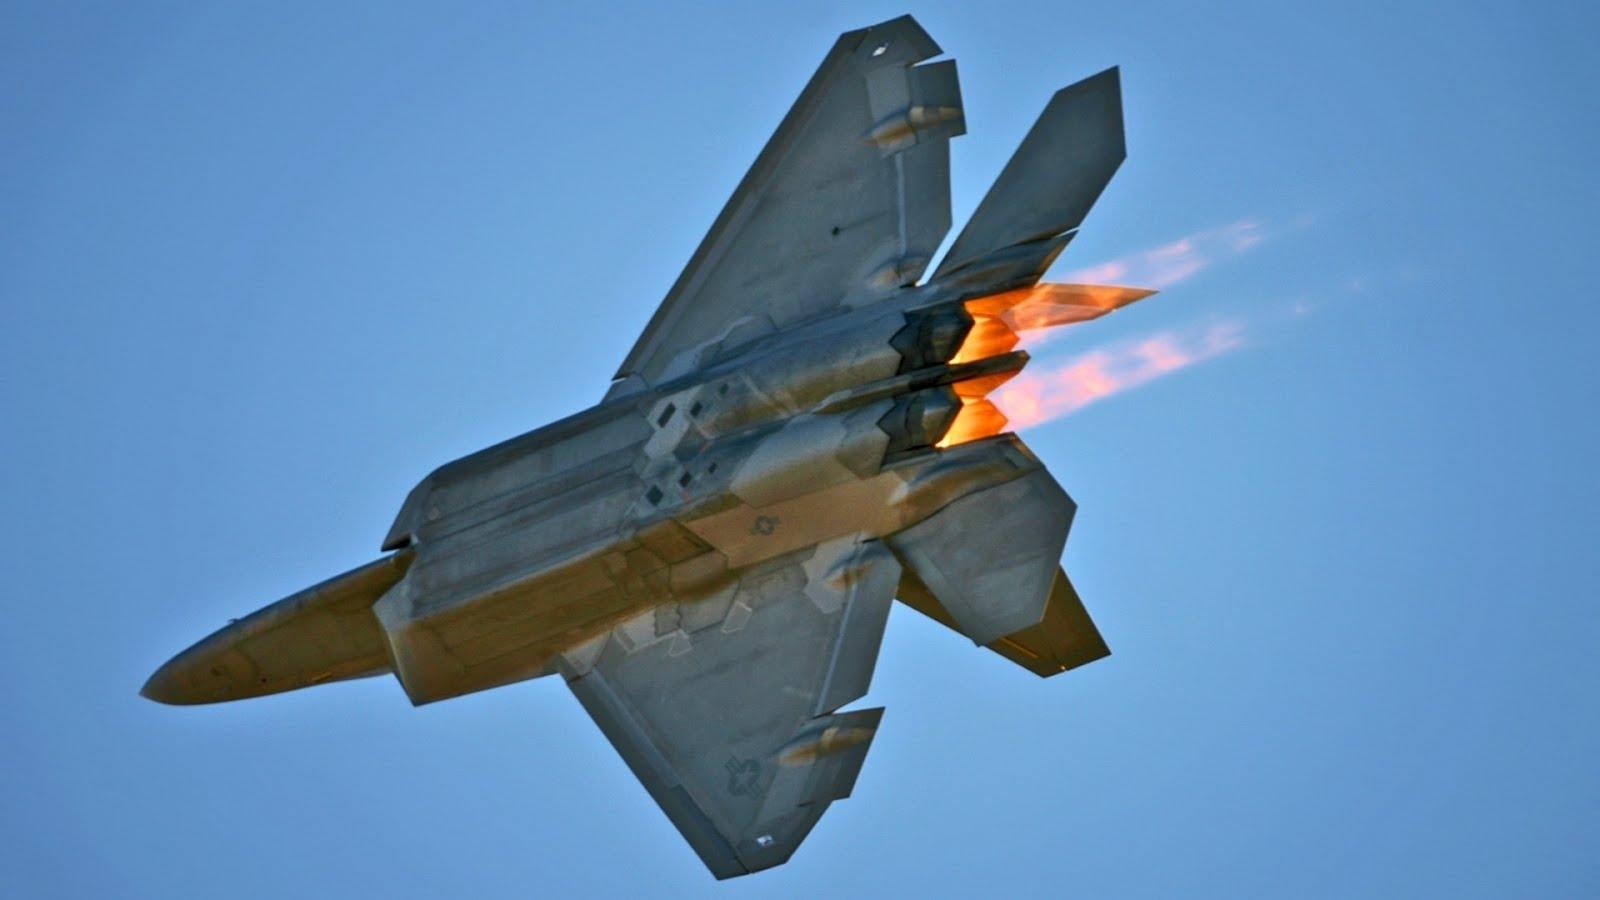 Ξεφλουδίζει η ειδική stealth επικάλυψη των F-22 Raptor!